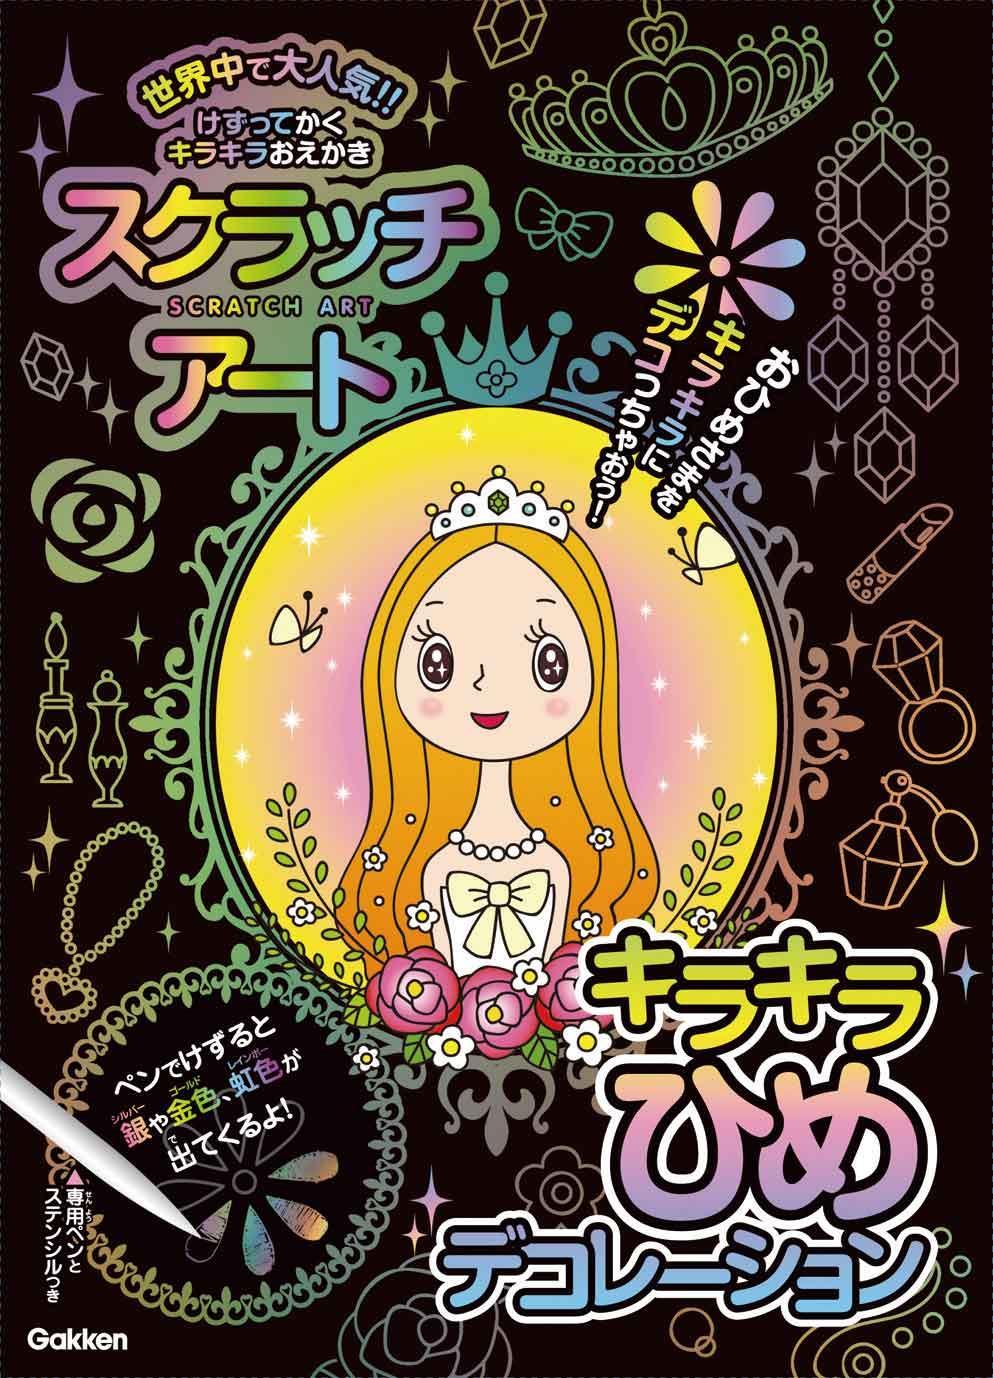 炫彩刮畫系列- 閃耀公主炫彩刮畫本 附贈品: 日本浮世六景 刮畫明信片組合